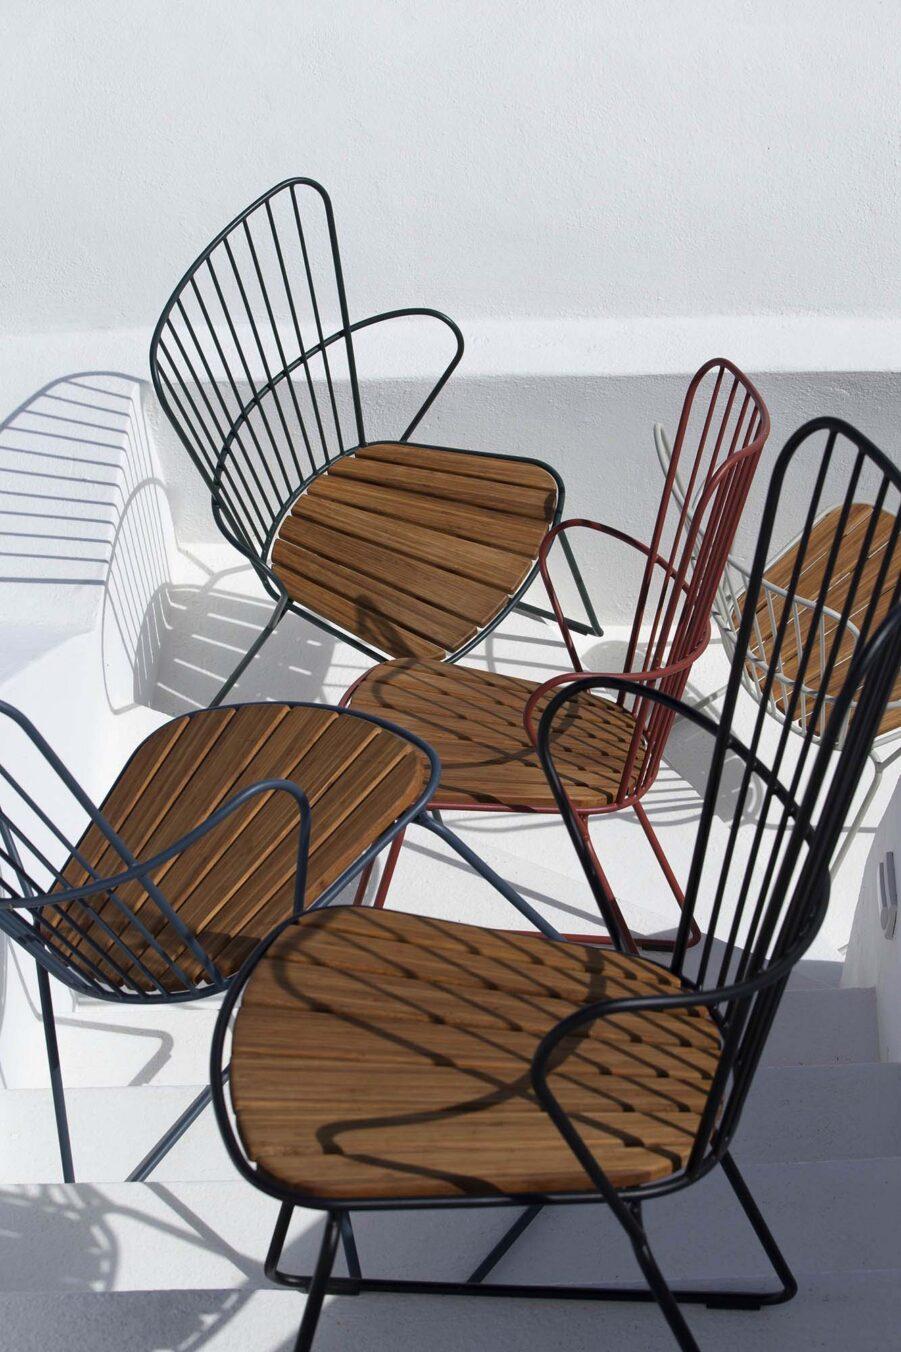 Miljöbild på Paon karmstol från Houe i flera olika färger.